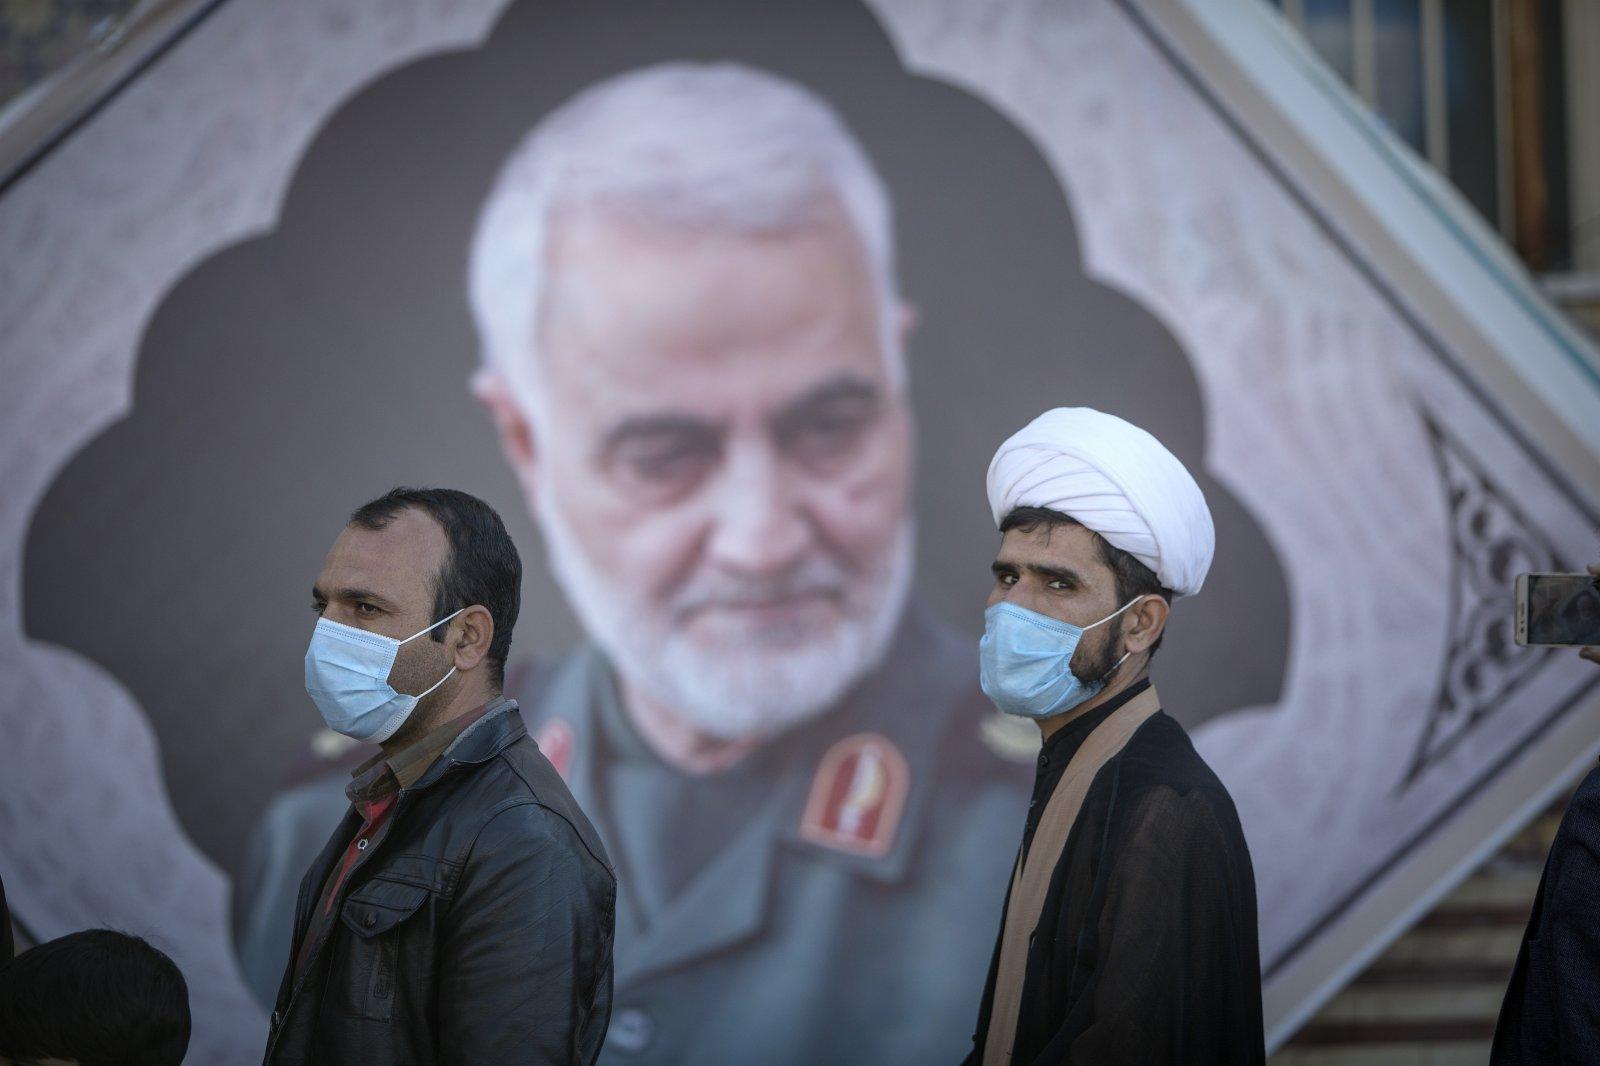 1月2日,人們在位於伊朗克爾曼的伊斯蘭革命衛隊下屬「聖城旅」指揮官蘇萊曼尼墓旁。2020年1月3日,美國在伊拉克首都巴格達發動襲擊,殺死伊朗伊斯蘭革命衛隊下屬「聖城旅」指揮官蘇萊曼尼等人。(新華社)